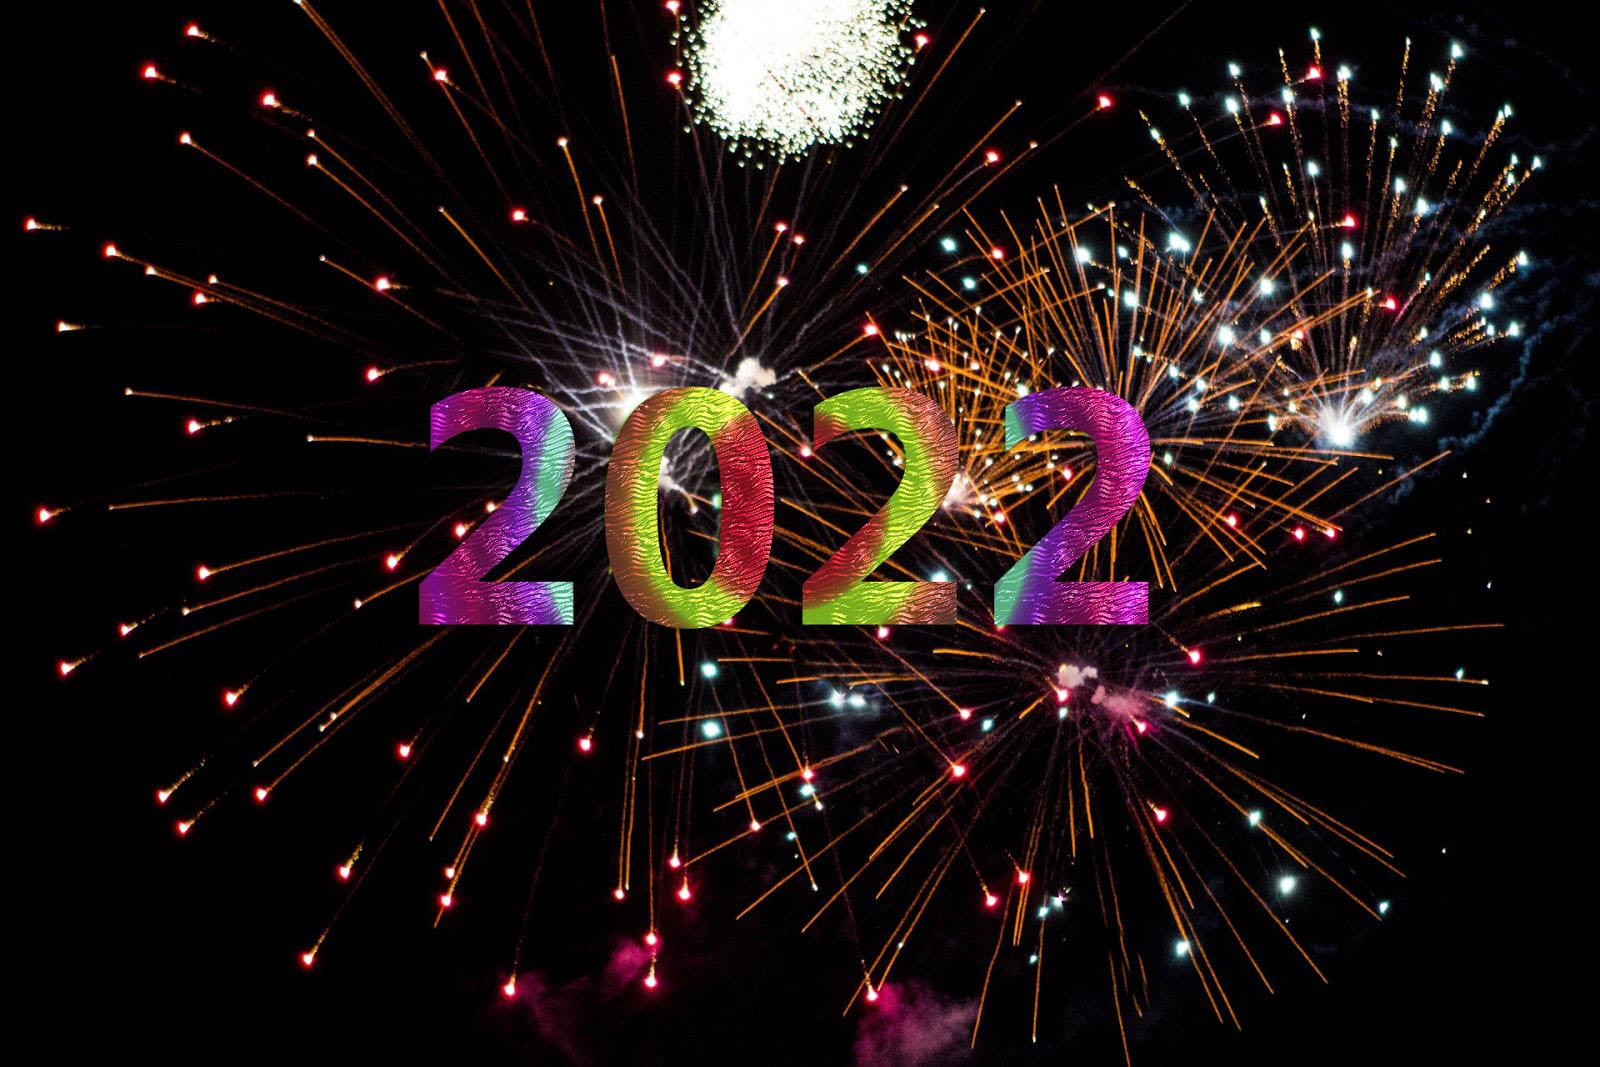 Những hình ảnh đẹp chúc mừng năm mới 2022